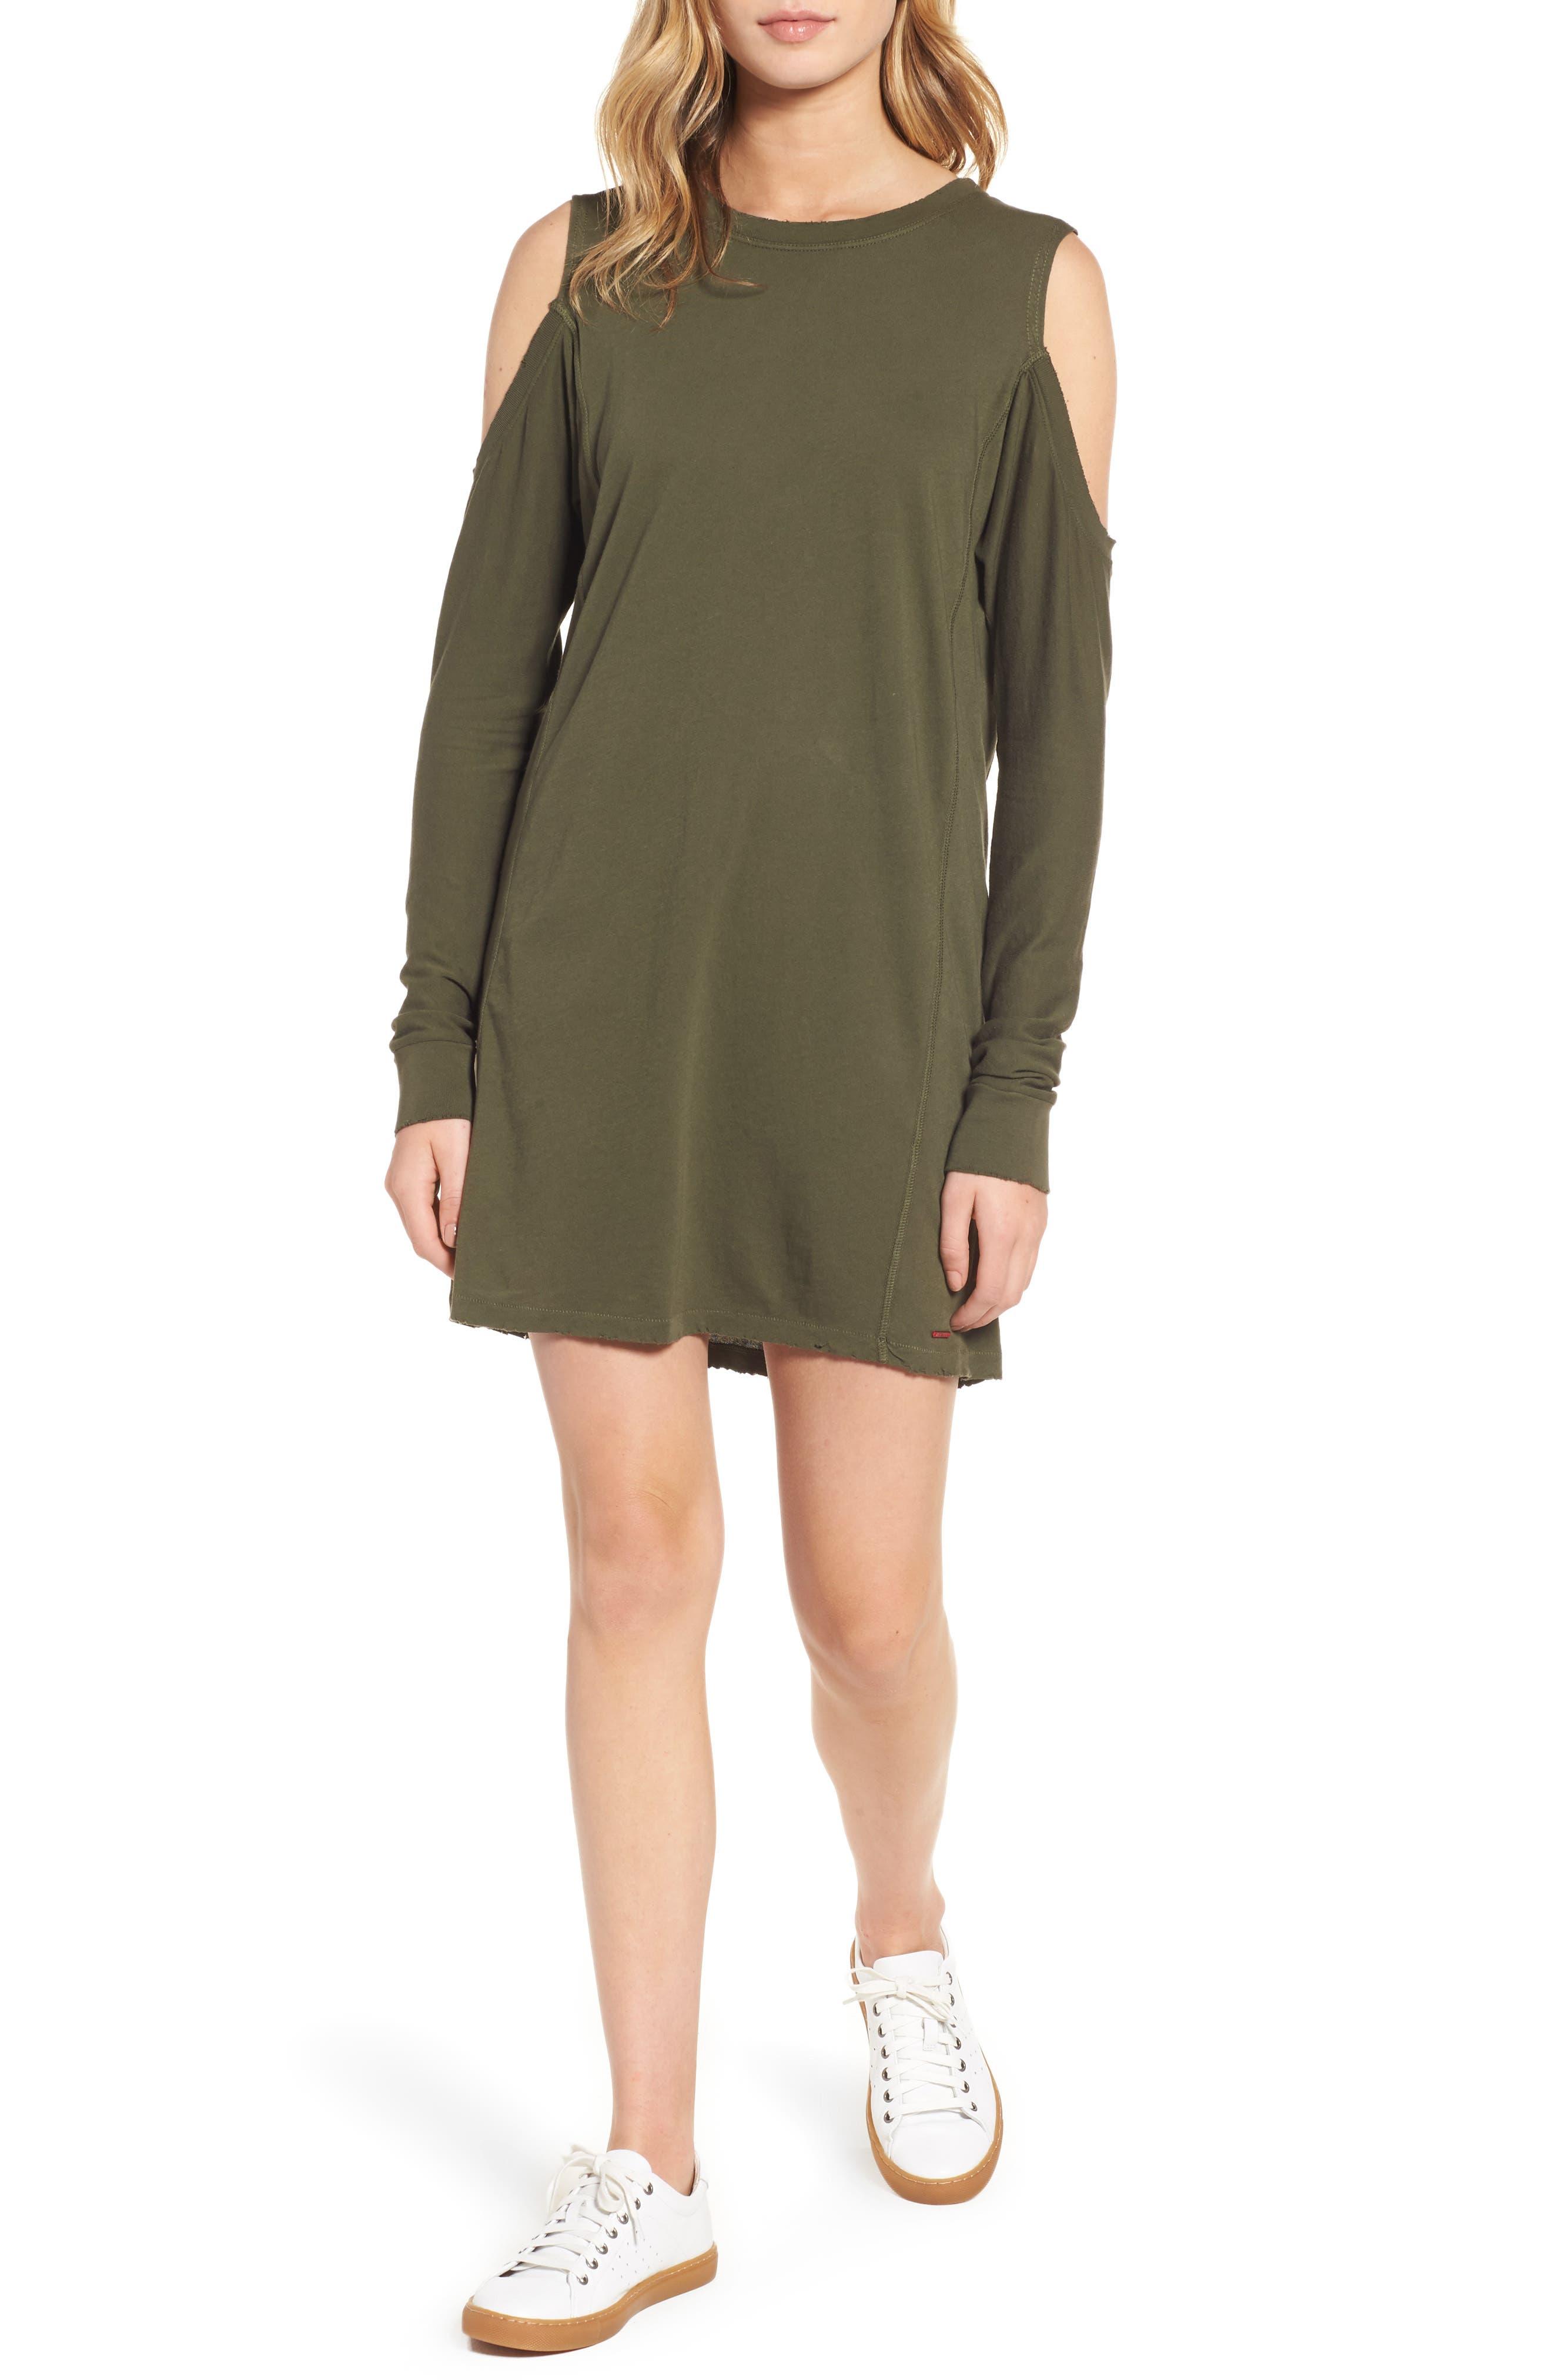 Billie Cold Shoulder Minidress,                             Main thumbnail 1, color,                             310